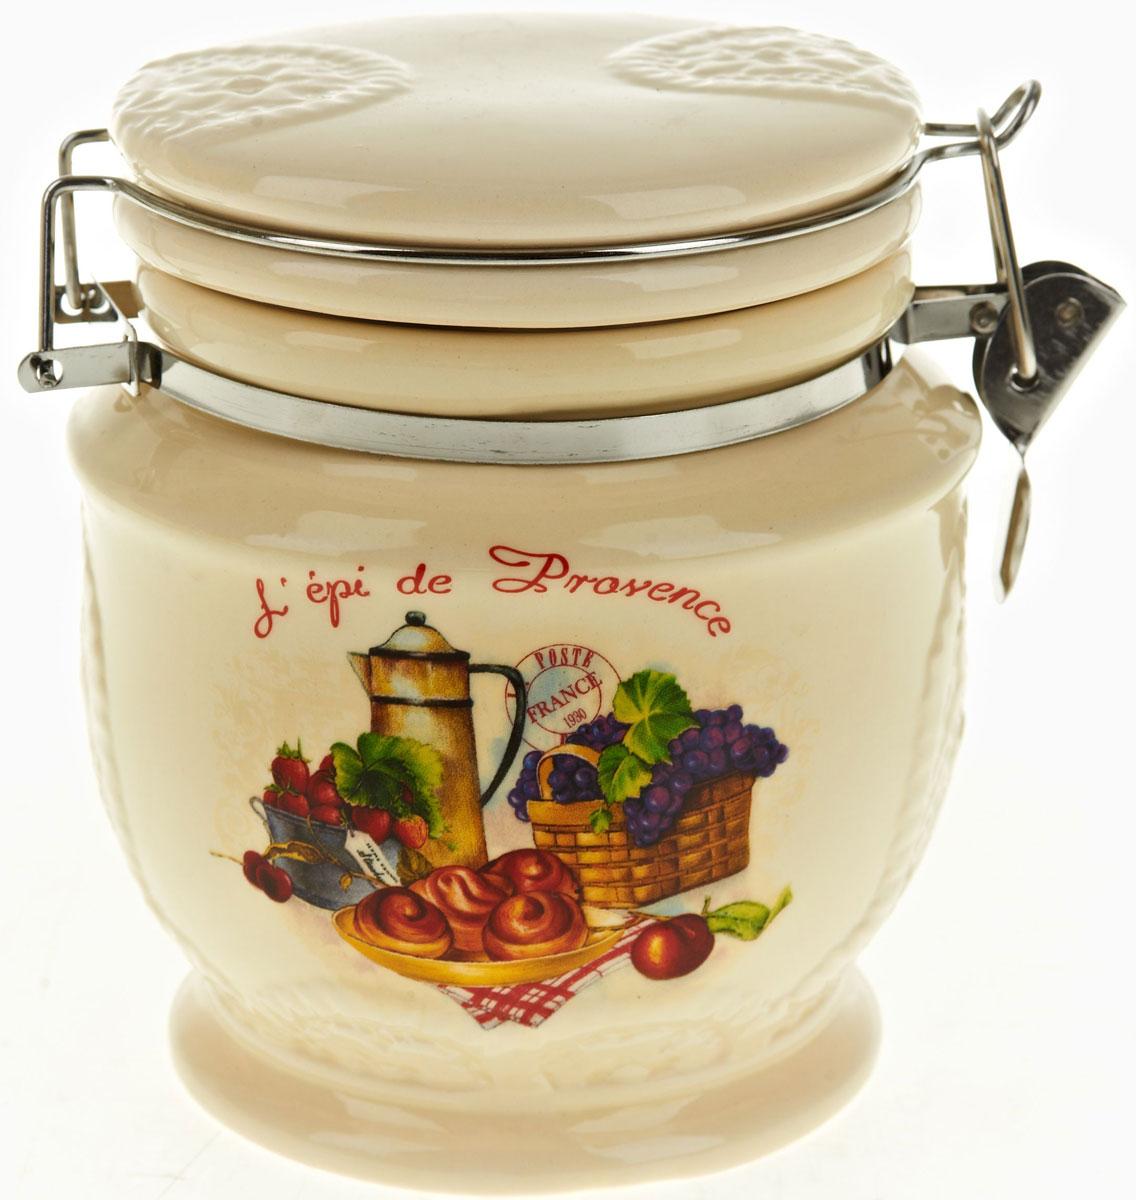 Банка для сыпучих продуктов Polystar French Breakfast, 730 млL0200156Банка для сыпучих продуктов French breakfast изготовлена из прочной керамики, закрывается крышкой. Банка оригинальной формы, прекрасно подойдет для хранения различных сыпучих продуктов: чая, кофе, сахара, круп и многого другого. Благодаря силиконовой прослойке и бугельному замку, крышка герметично закрывается, что позволяет дольше сохранять продукты свежими. Изящная емкость не только поможет хранить разнообразные сыпучие продукты, но и стильно дополнит интерьер кухни.